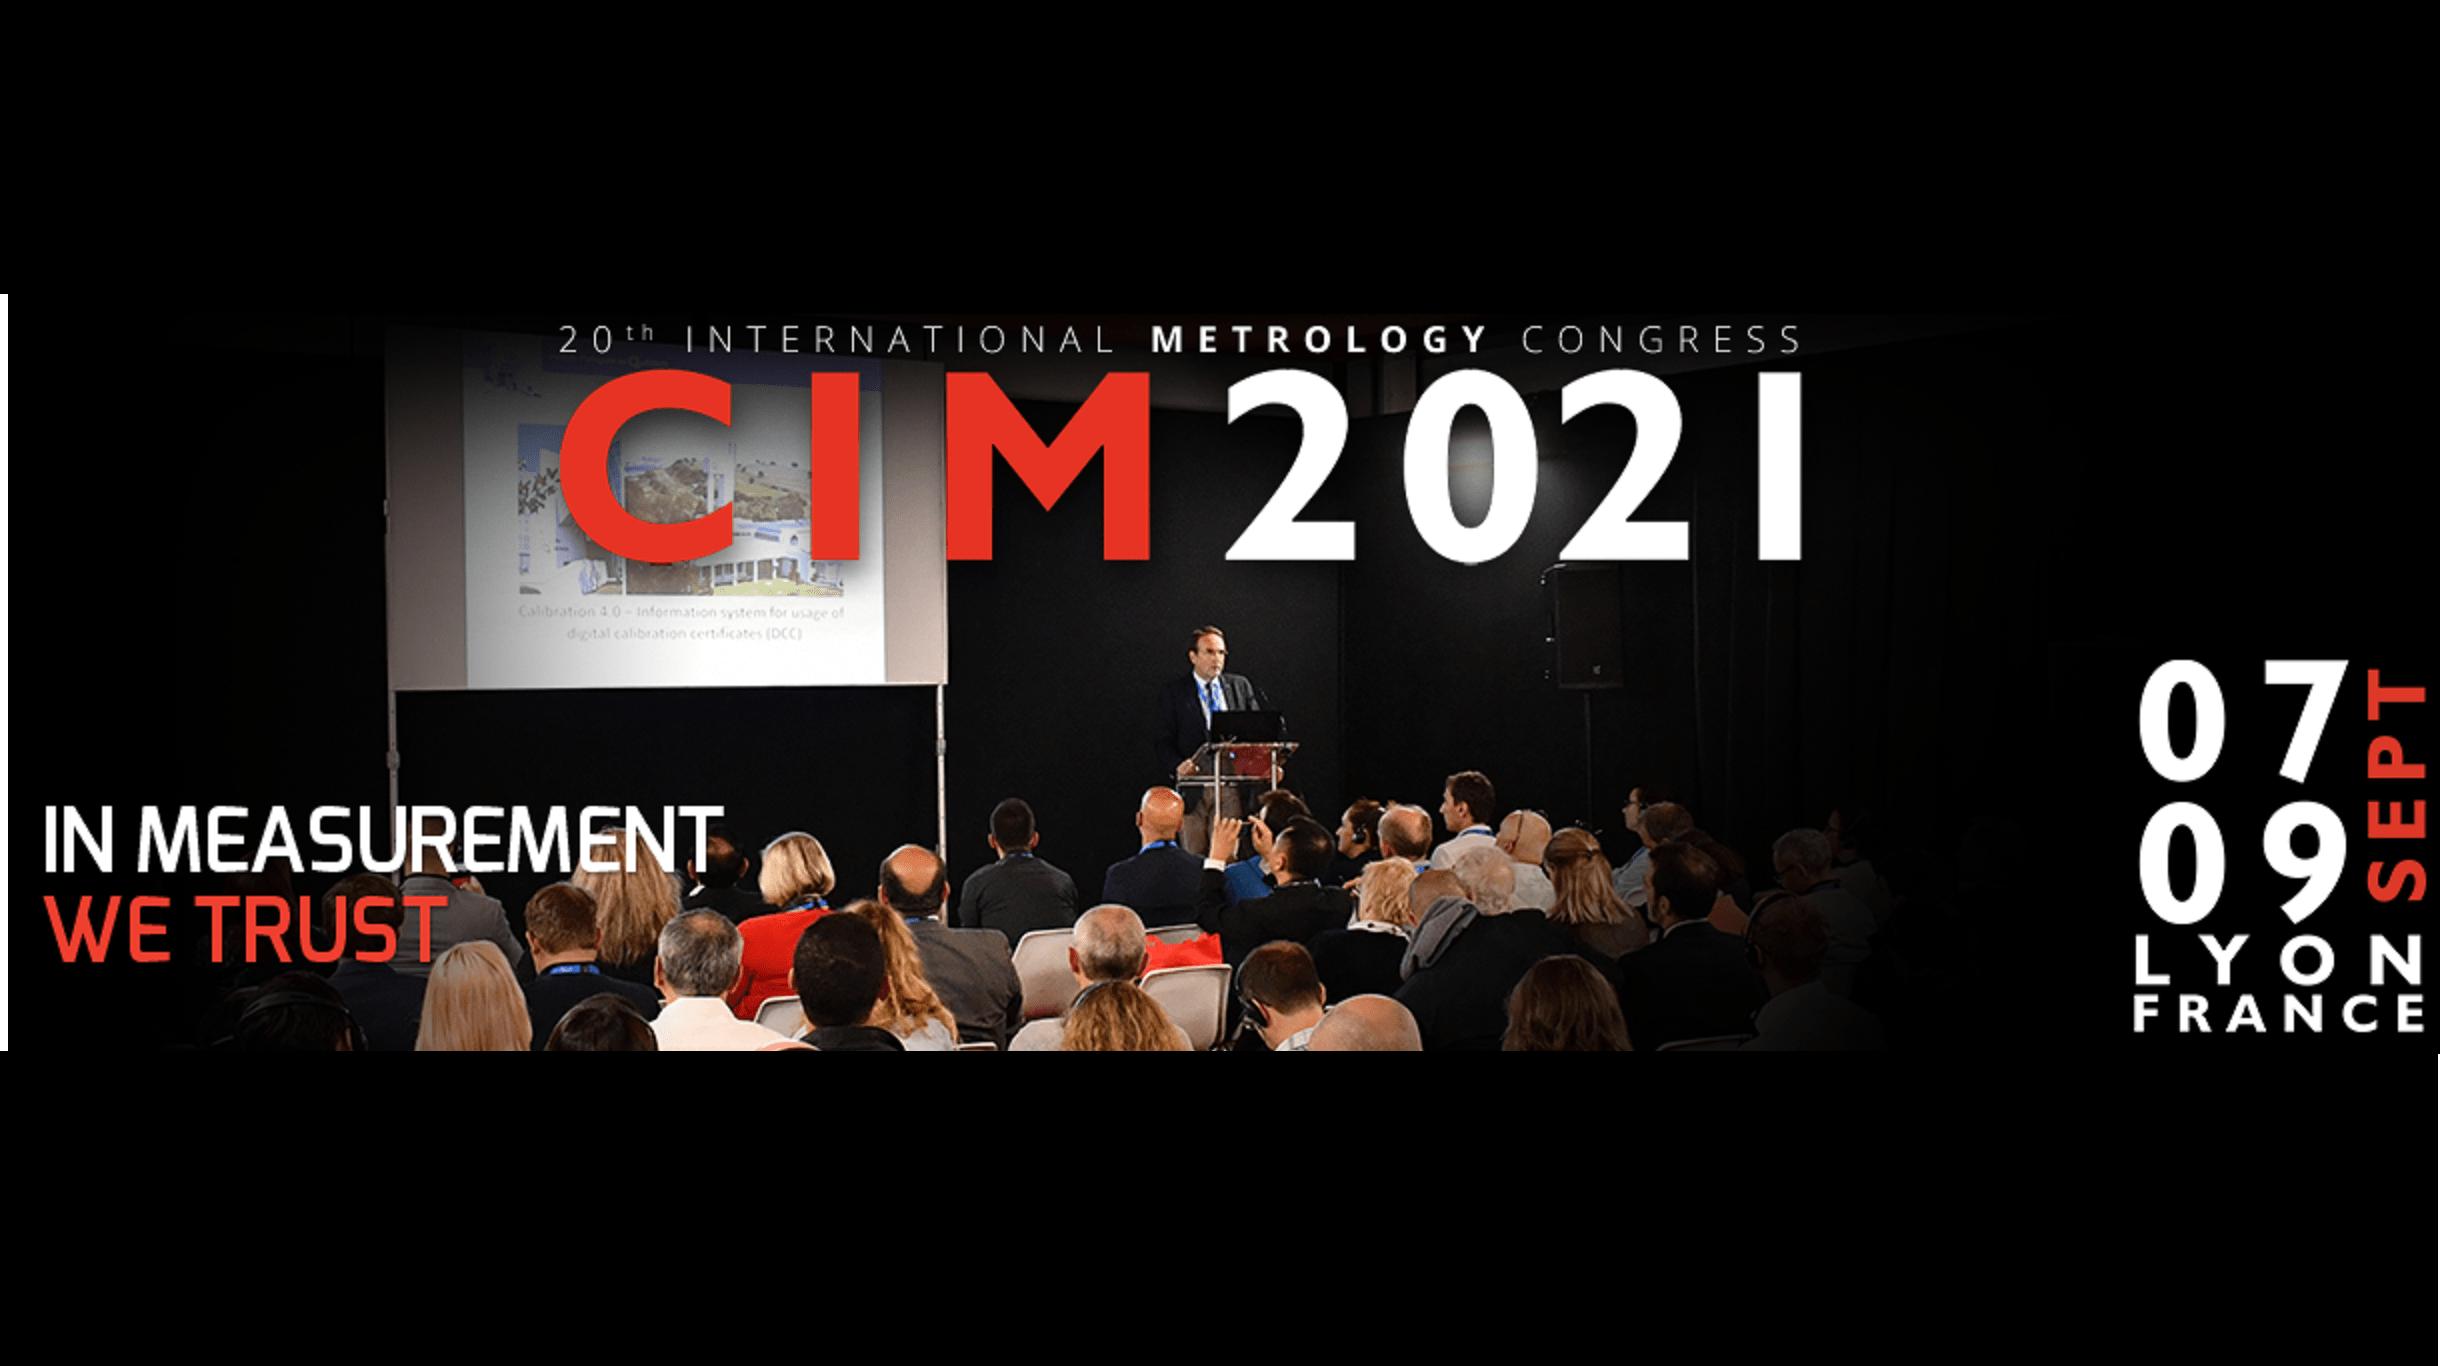 Le CT2M sera bien représenté au CIM 2021 !